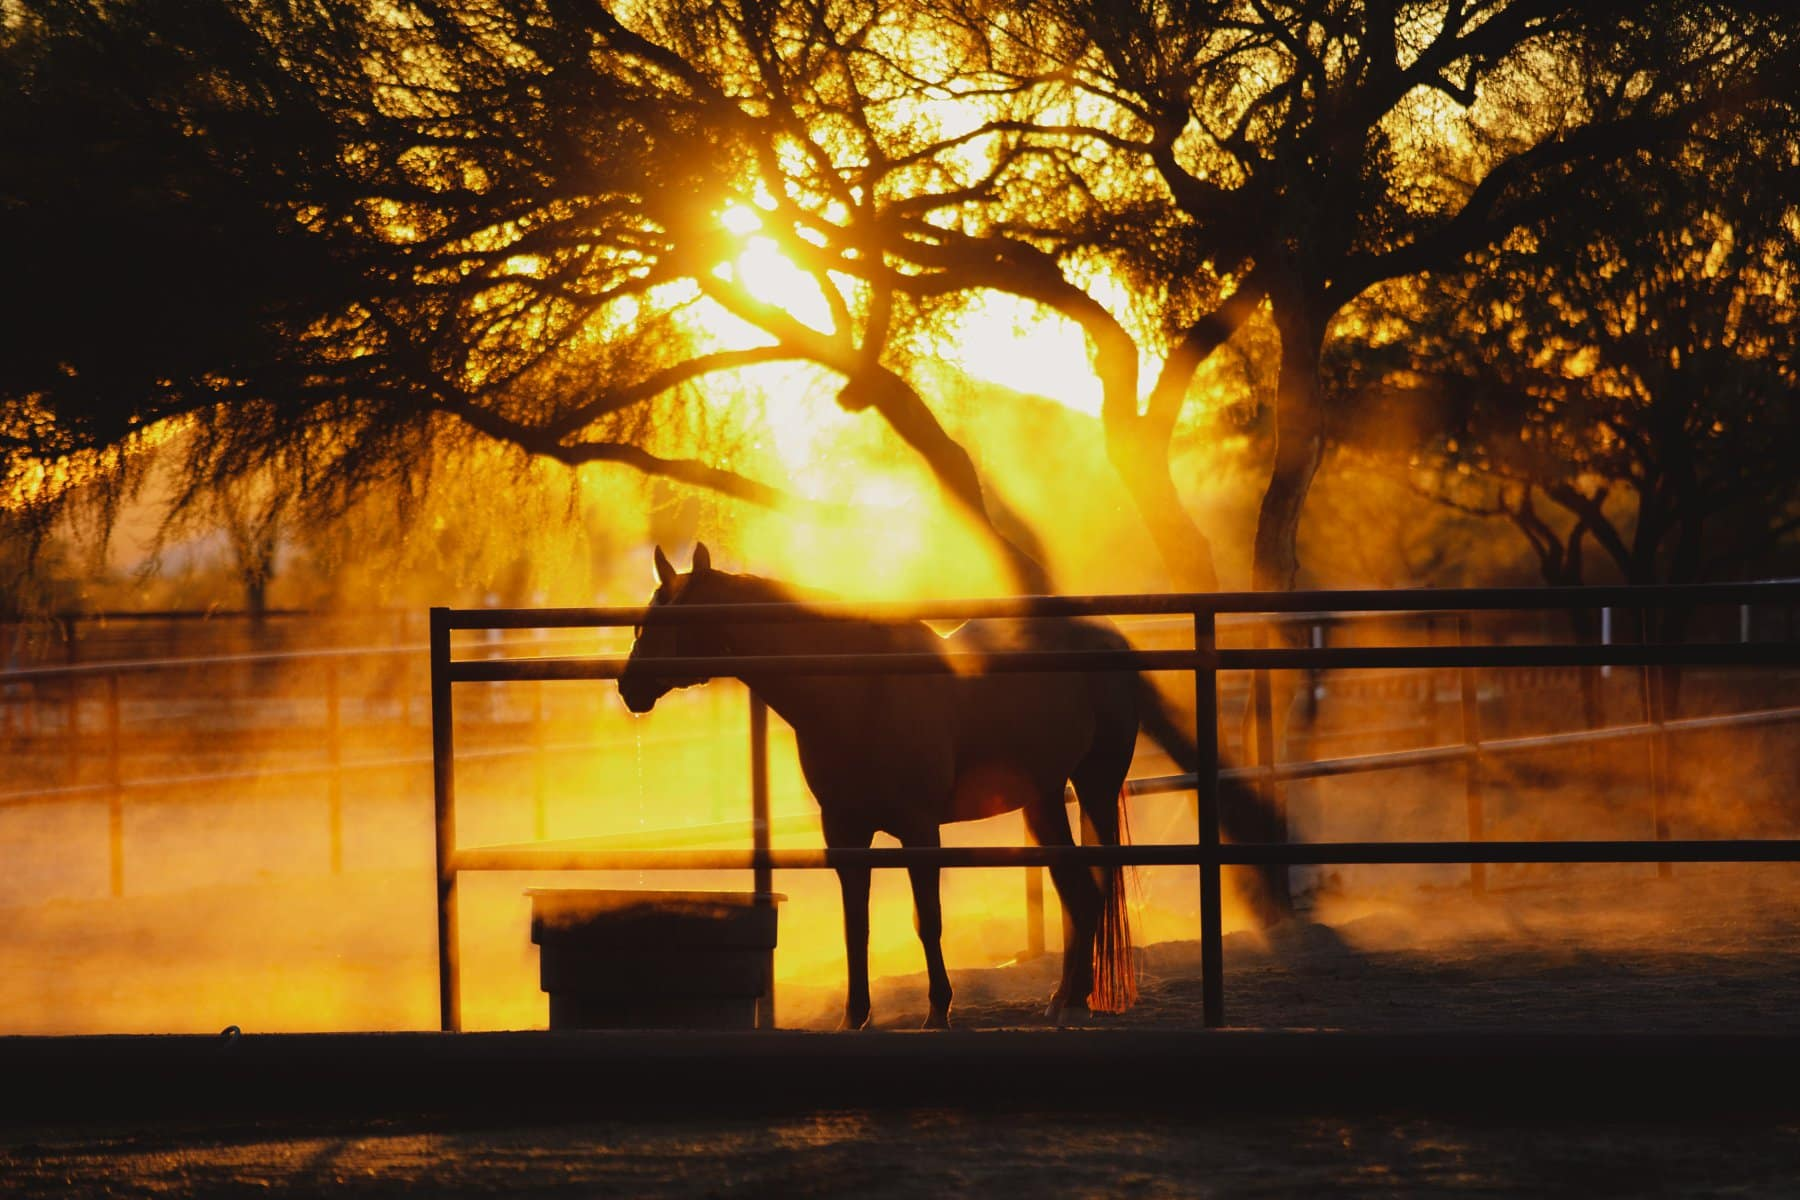 horse drinking water in dusty Arizona sunset light